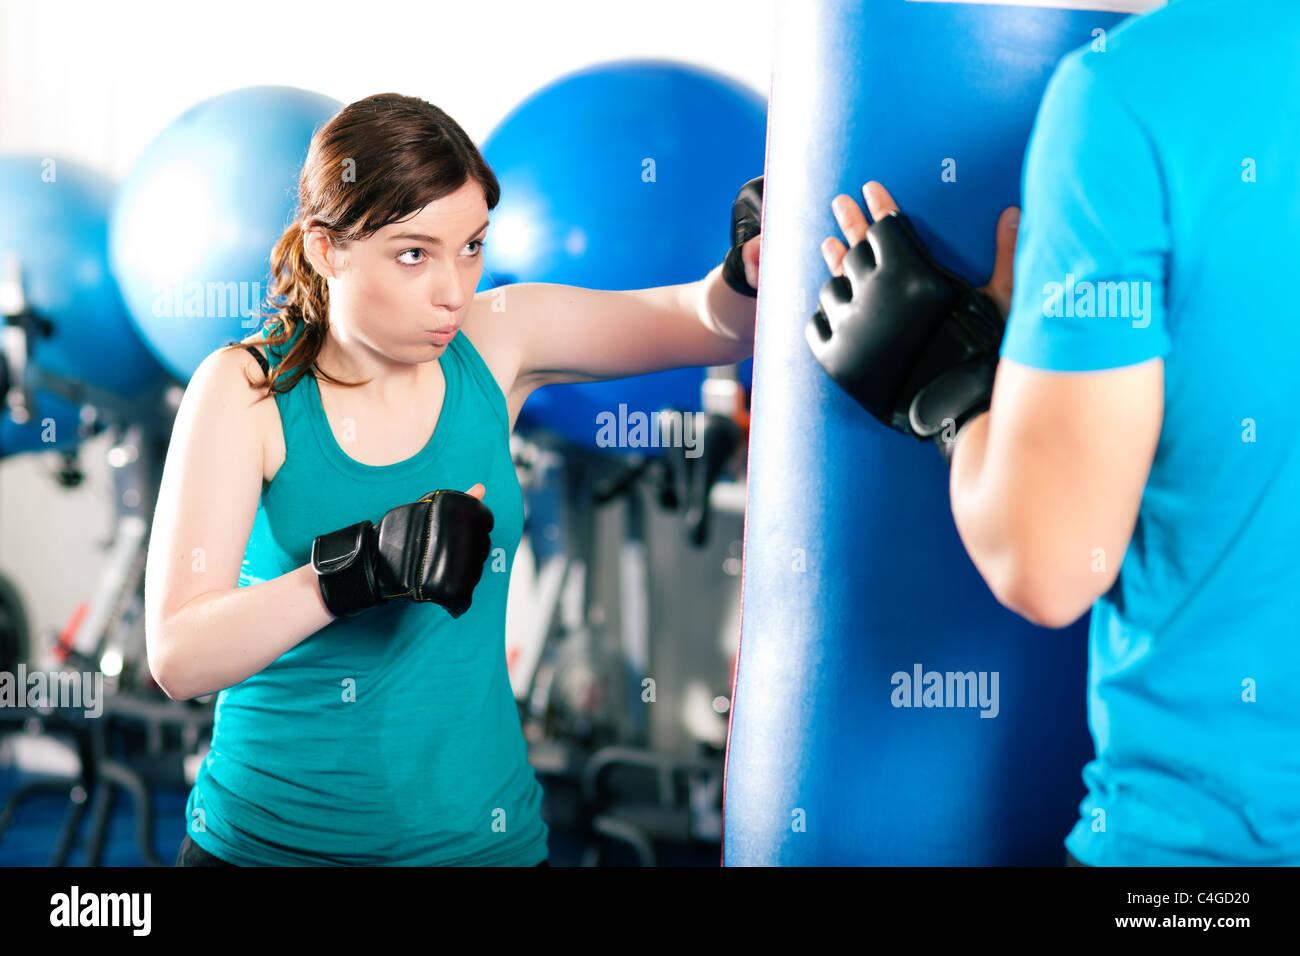 Mujer boxeador golpeando la bolsa de arena, su entrenador es ayudar Imagen De Stock